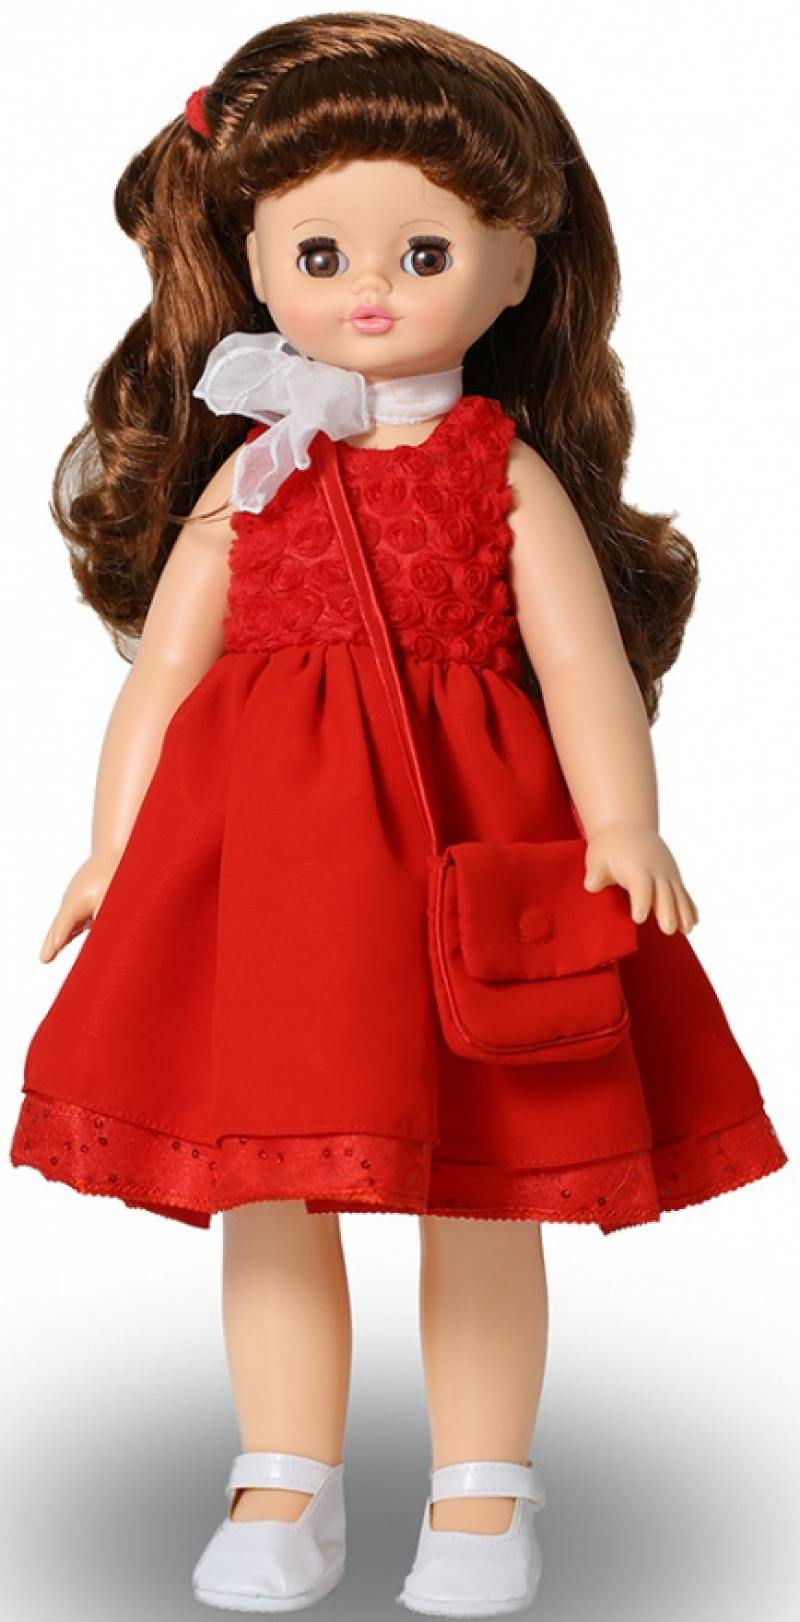 Кукла ВЕСНА Алиса 19 (озвученная) В2950/о кукла весна лиза 16 озвученная в2144 о